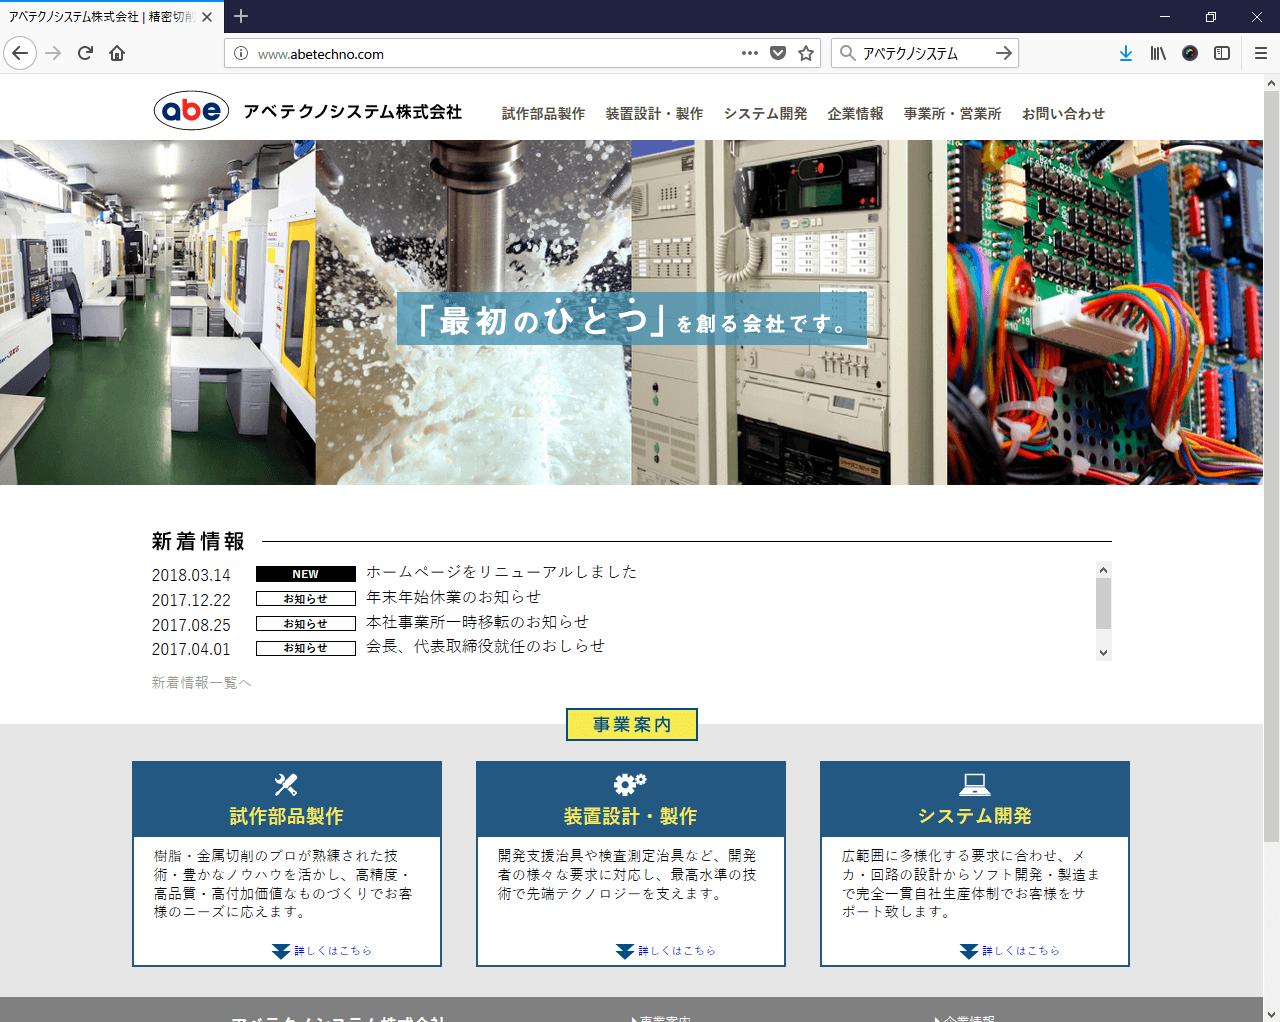 アベテクノシステム株式会社